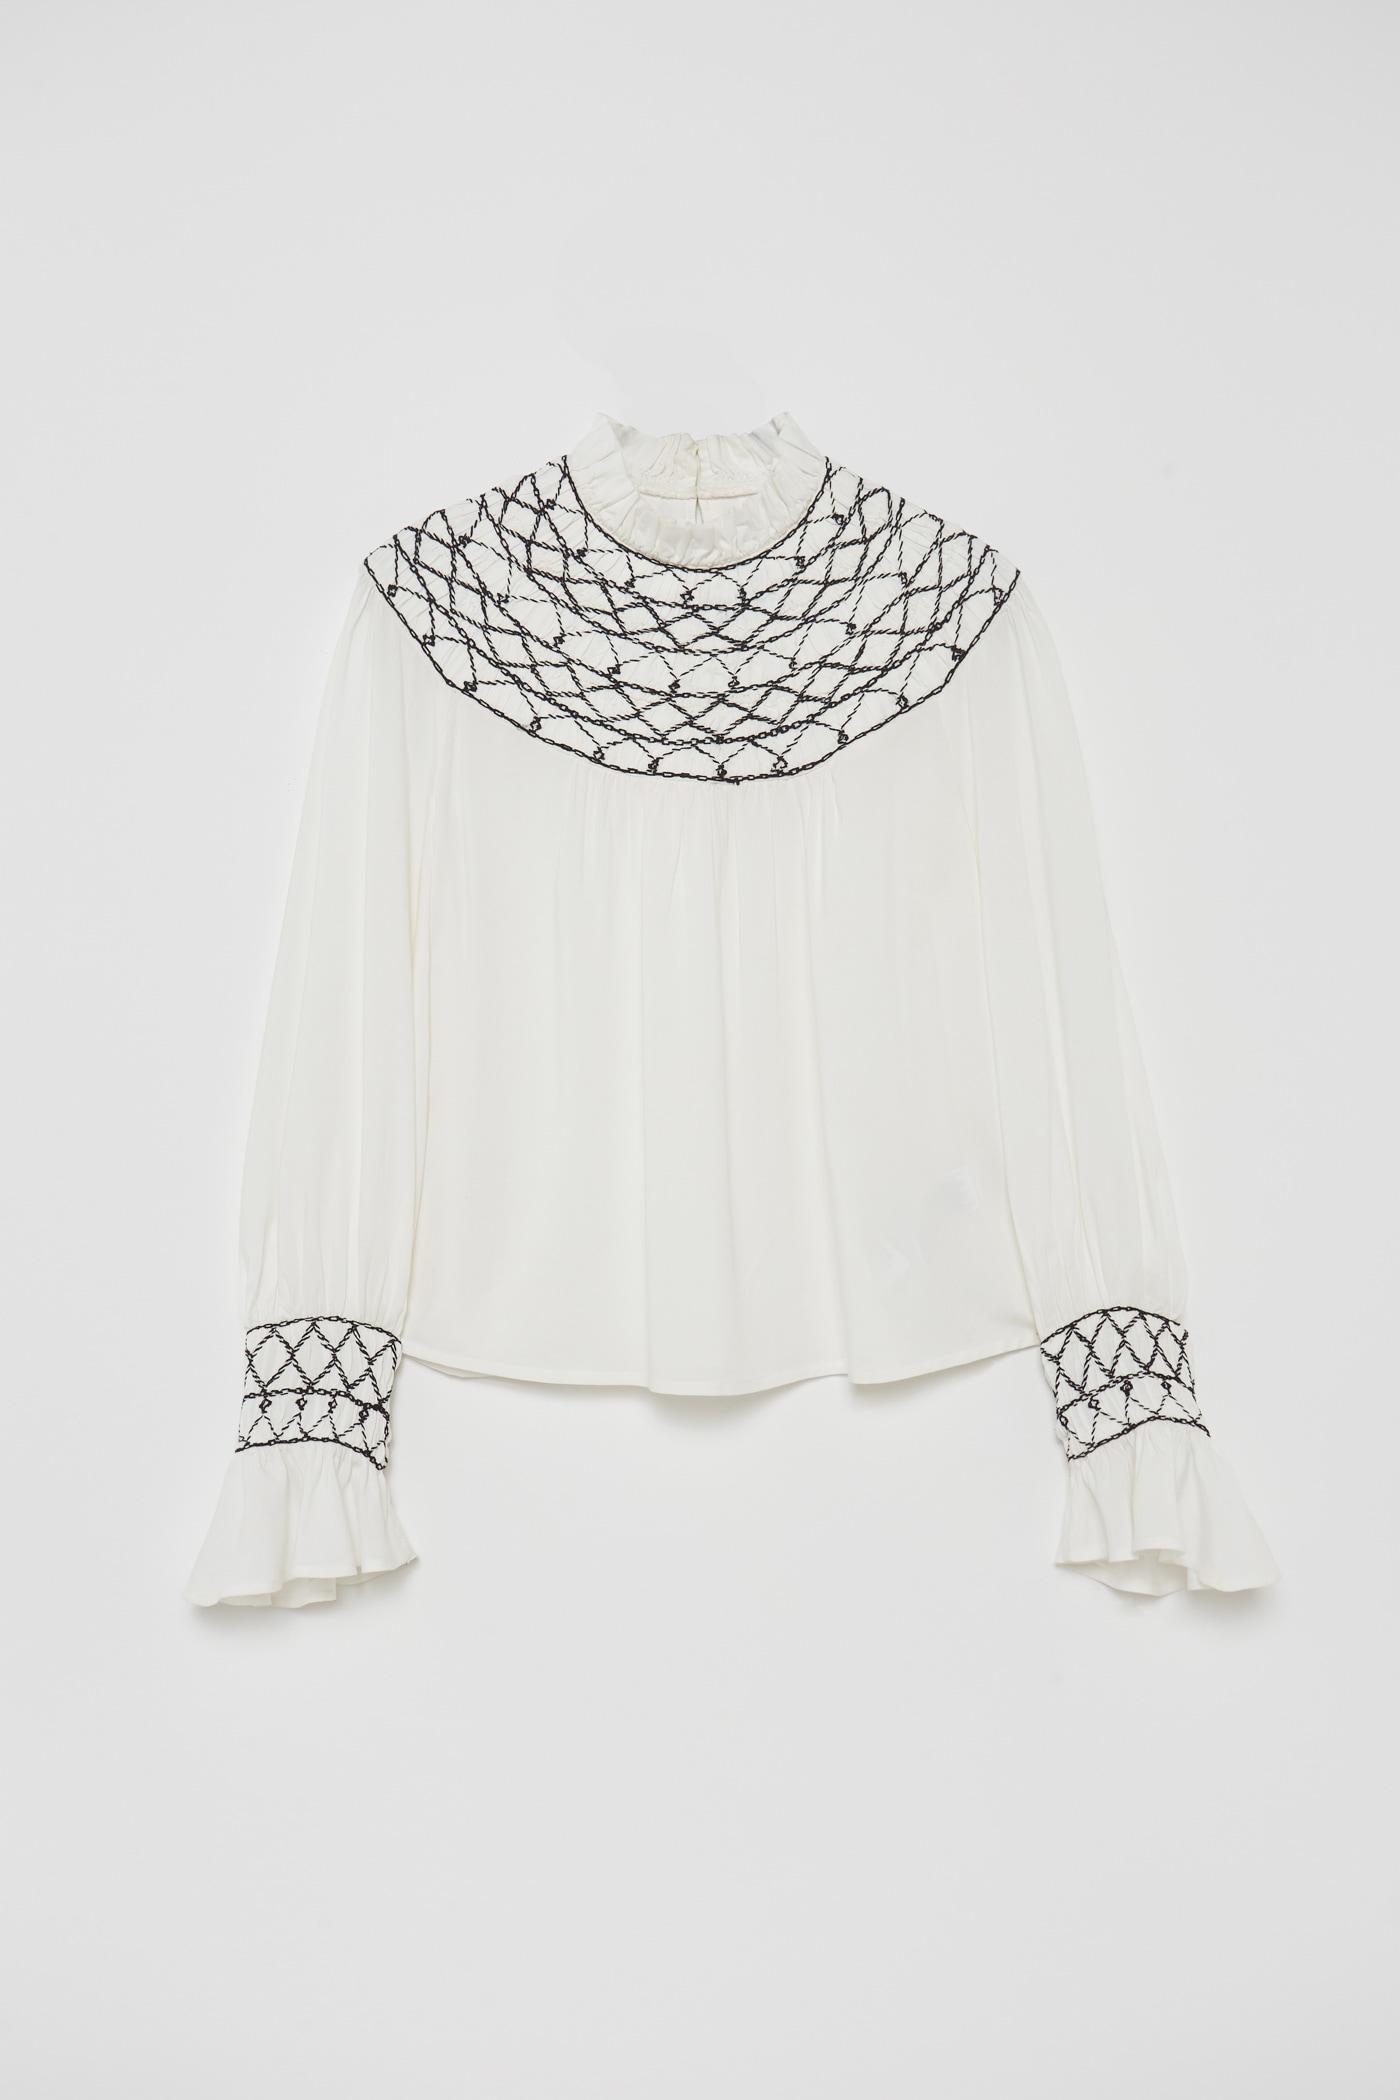 Sfera despierta pasiones con la blusa bordada que copia a la perfección de Prada